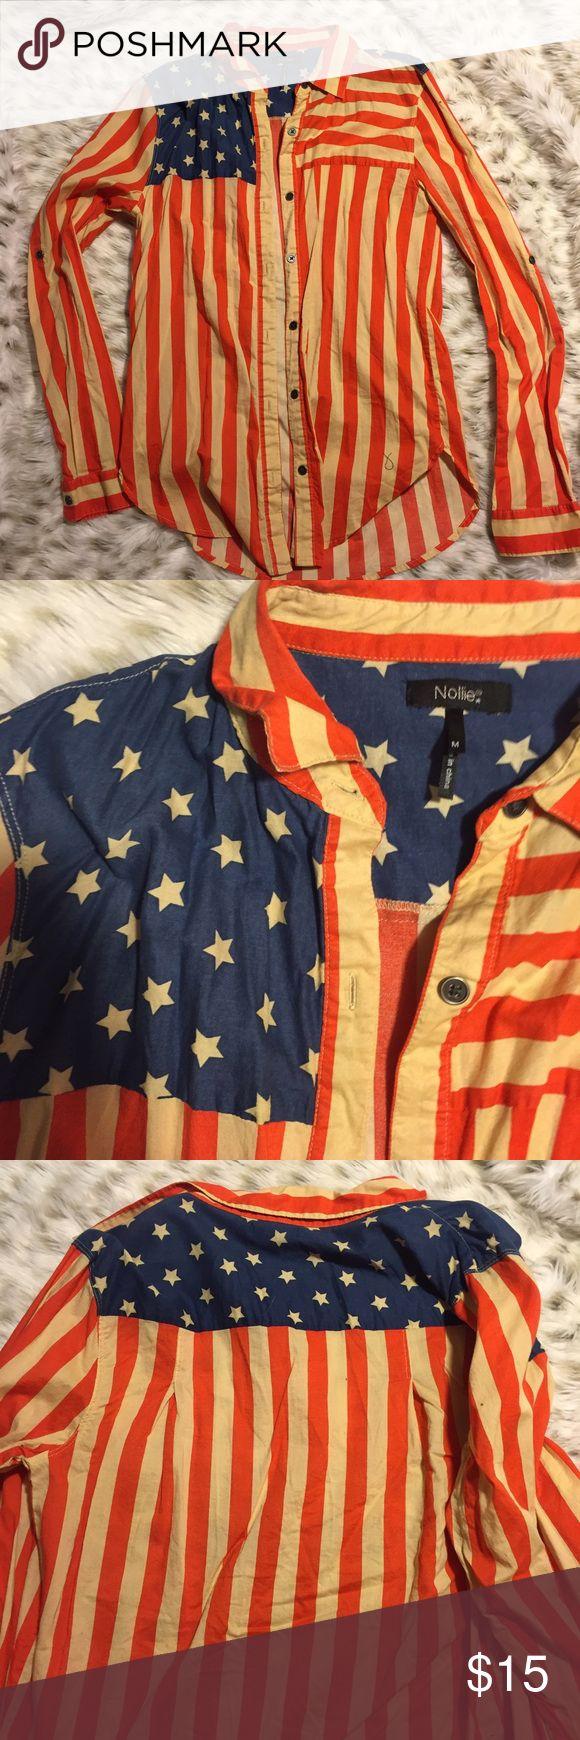 Nollie American Flag Button Down Shirt American flag button down. Only worn once. Nollie size medium. No flaws so cute! Nollie Tops Button Down Shirts